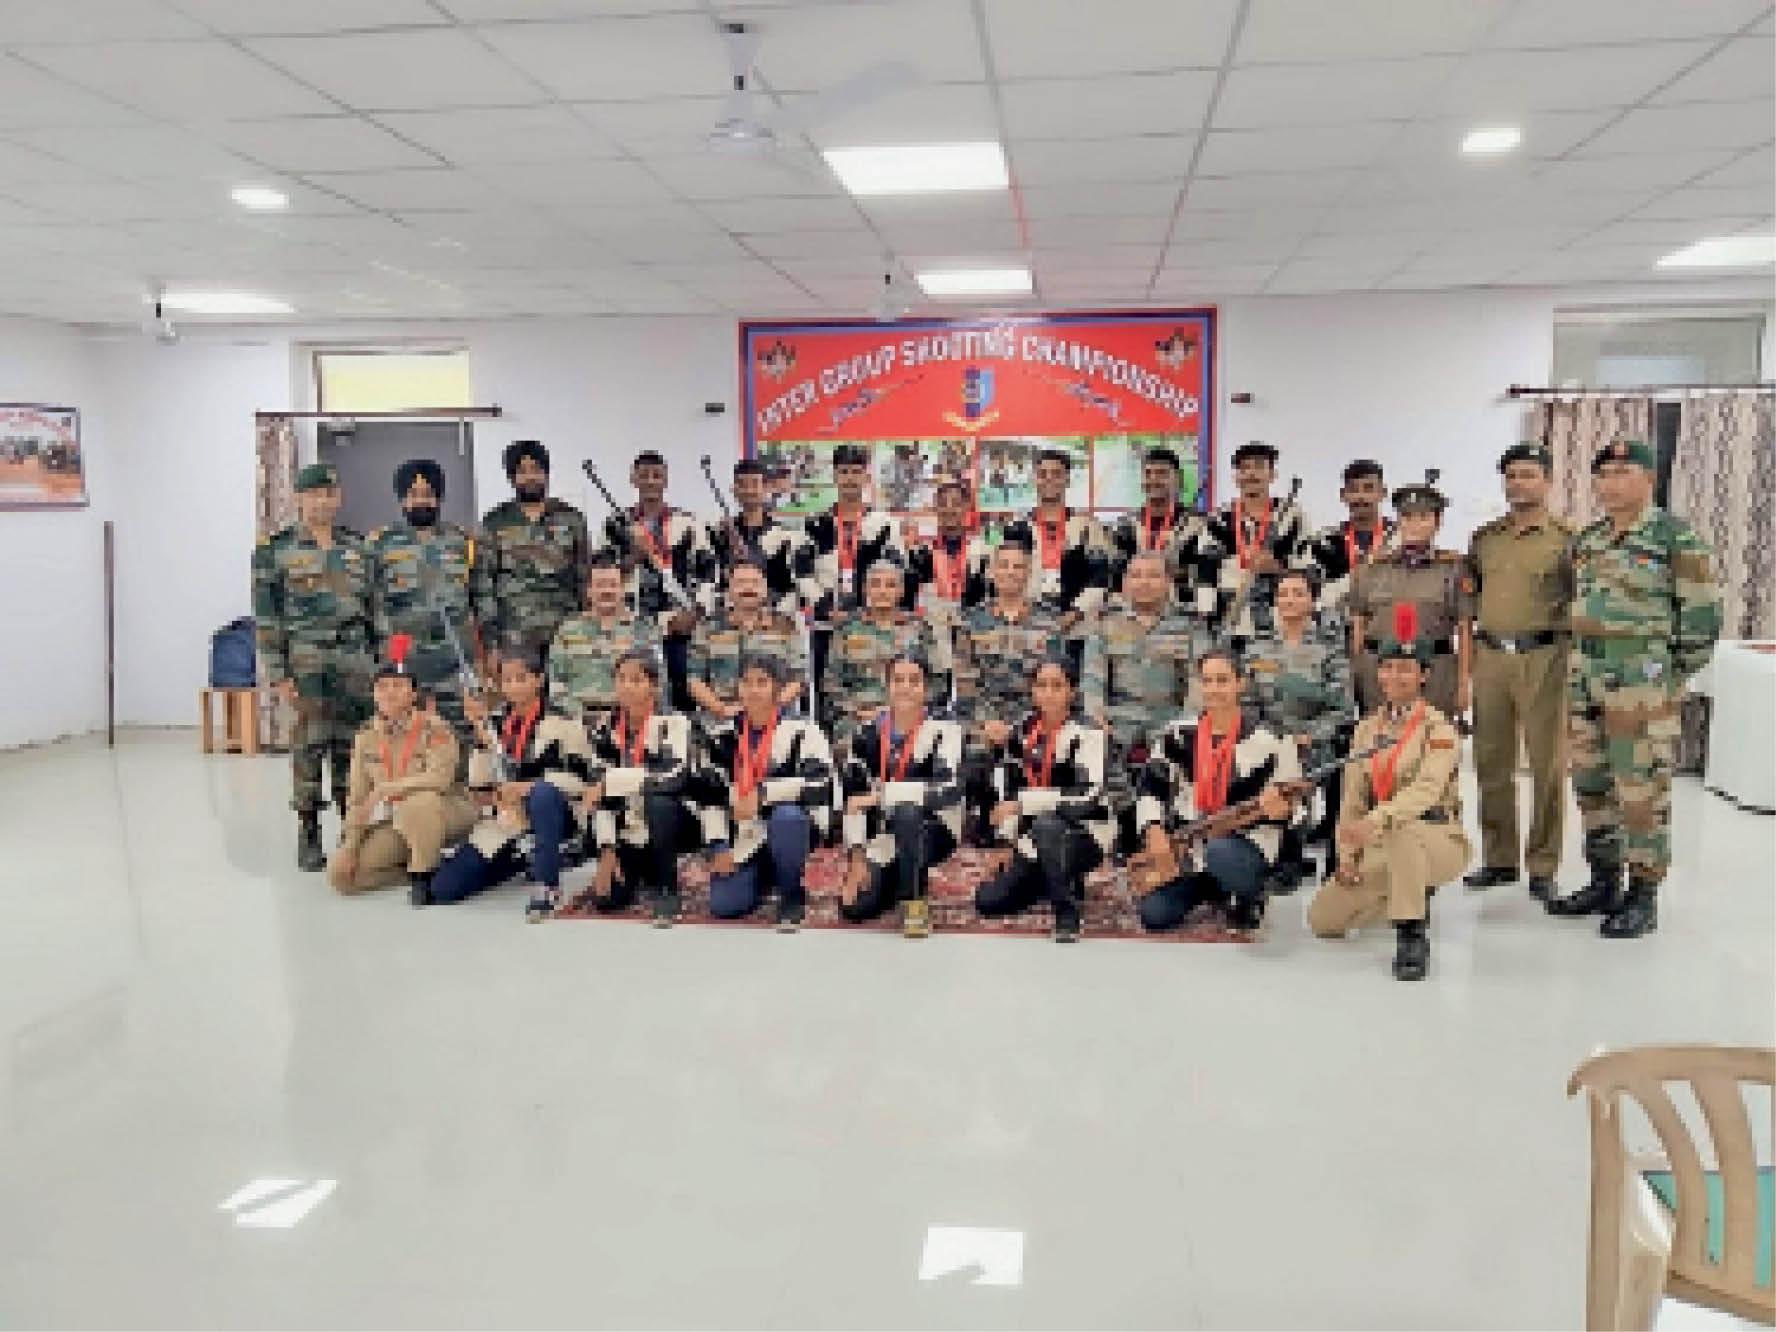 इंटर ग्रुप शूटिंग स्पर्धा में एनसीसी कैडेट ने विभिन्न श्रेणियों में 1 स्वर्ण, 2 रजत तथा 1 कांस्य पदक जीता। - Dainik Bhaskar